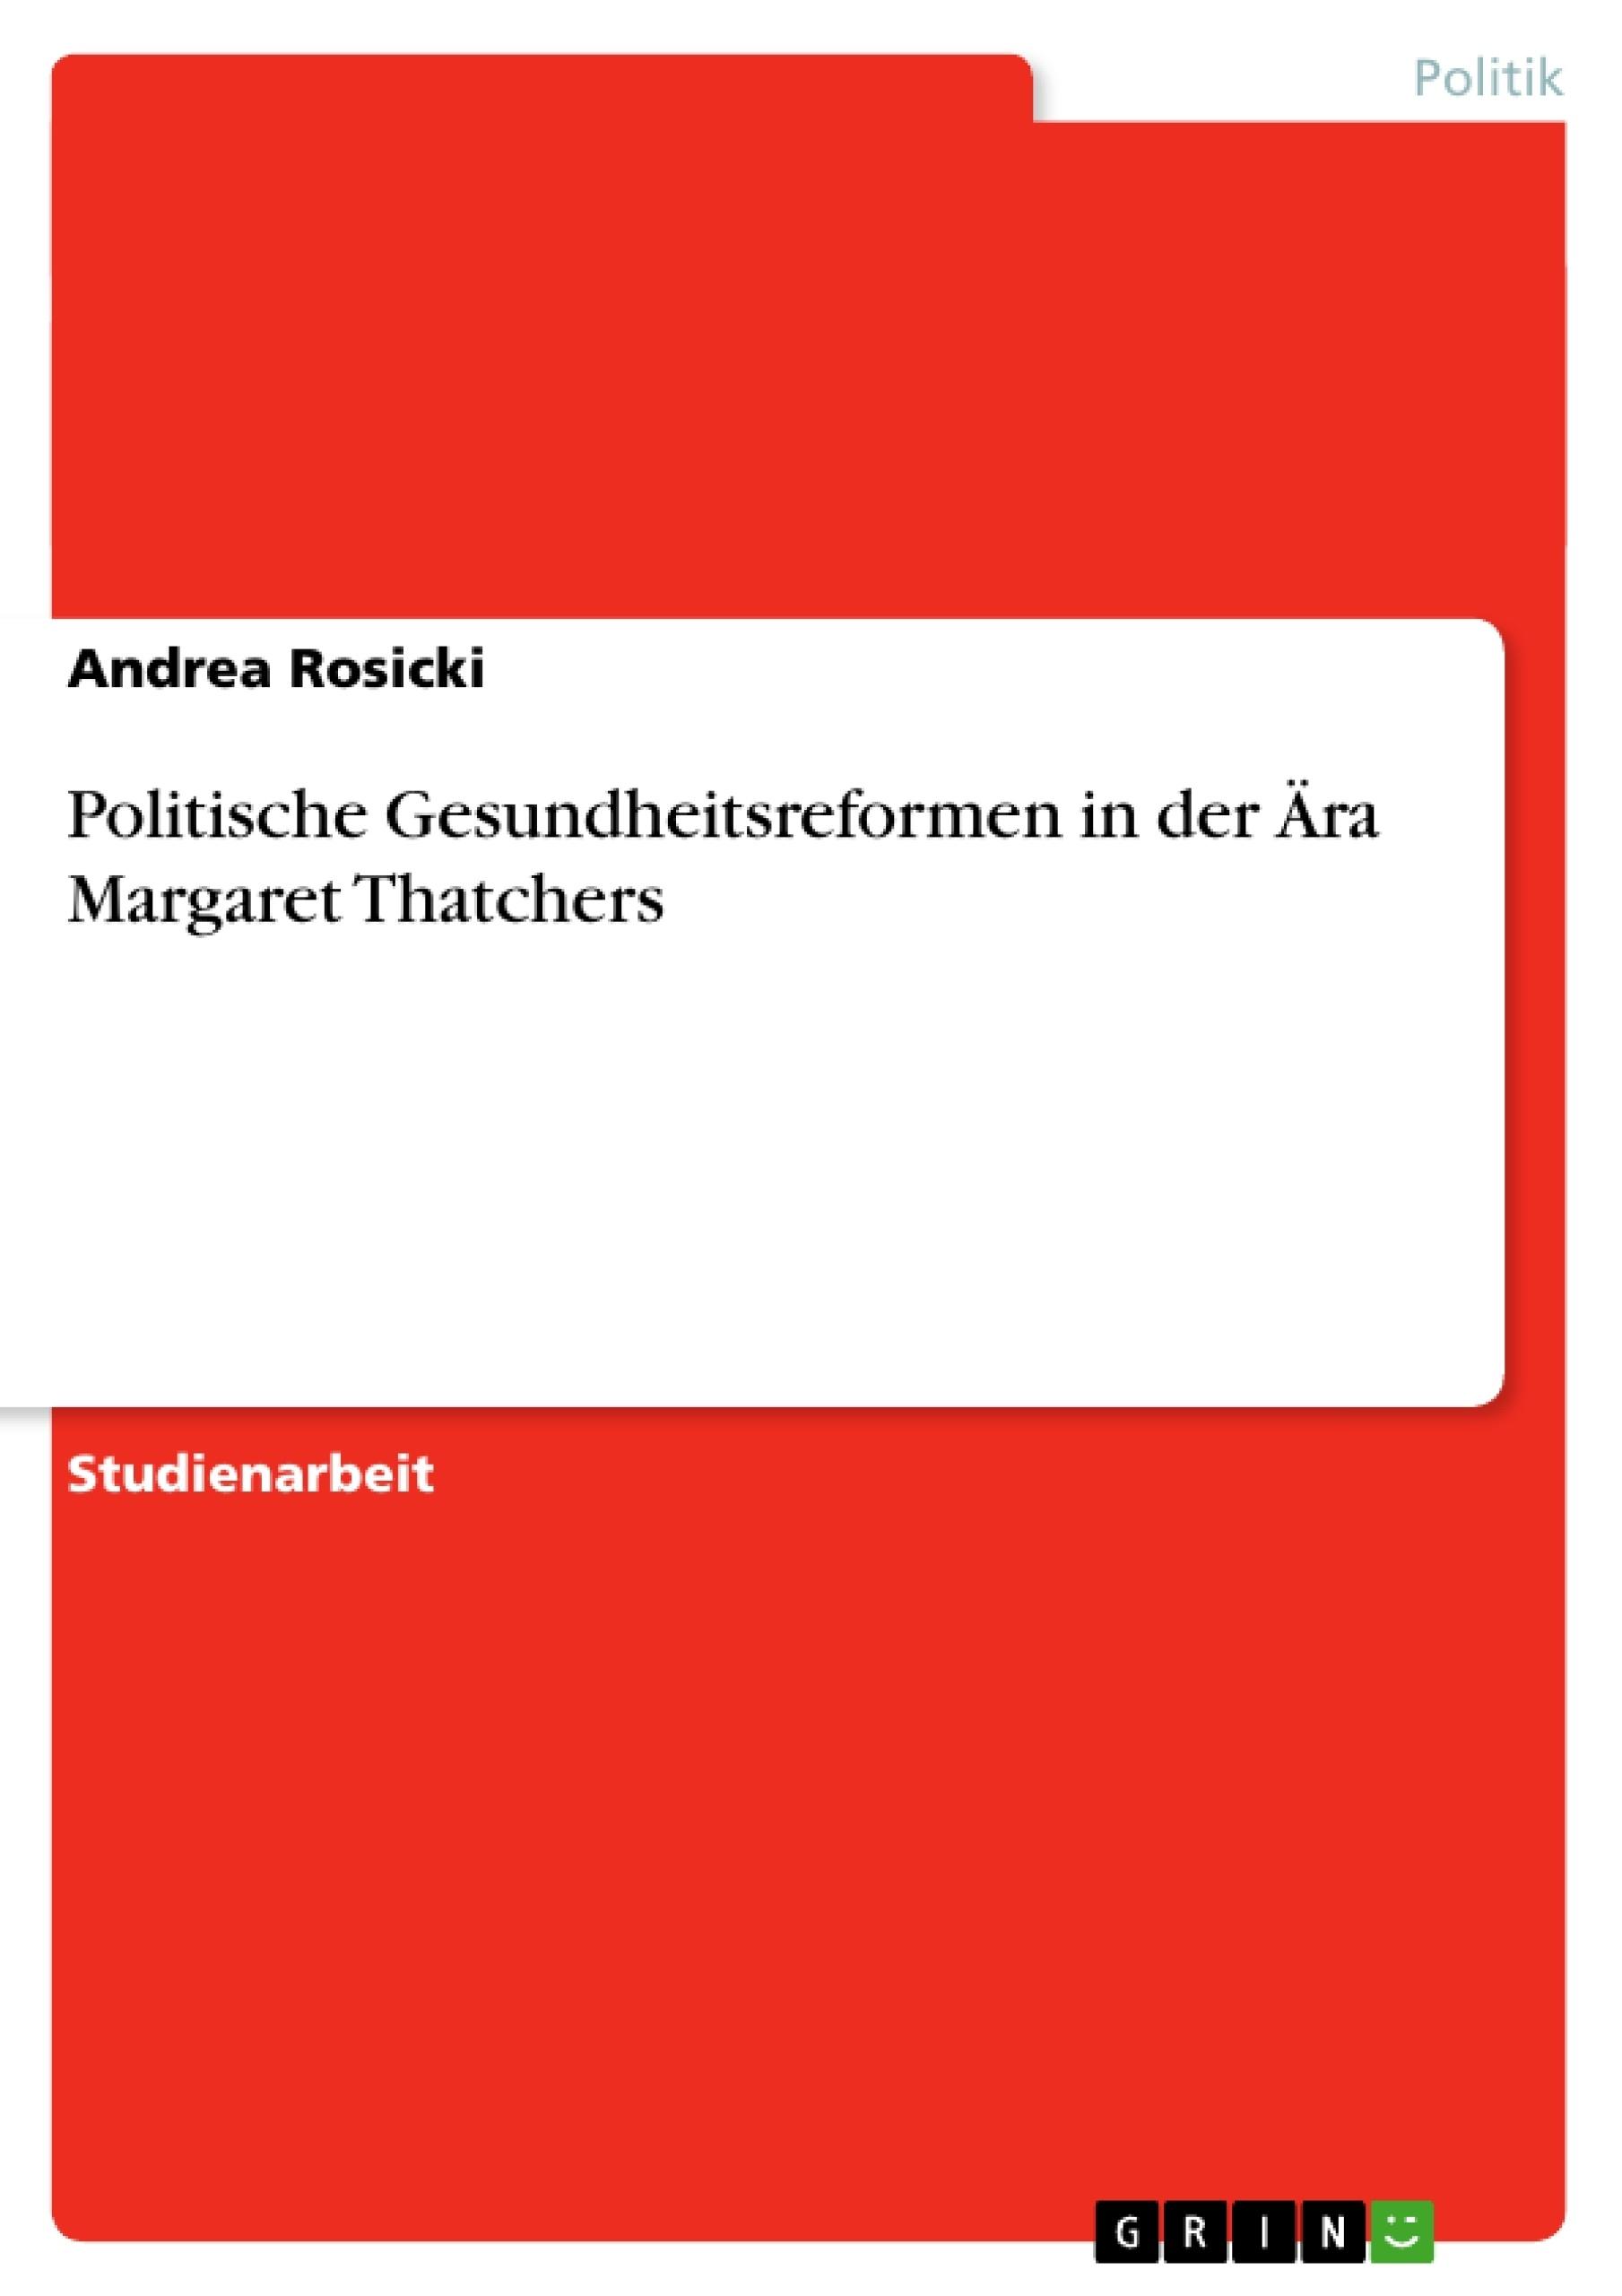 Titel: Politische Gesundheitsreformen in der Ära Margaret Thatchers